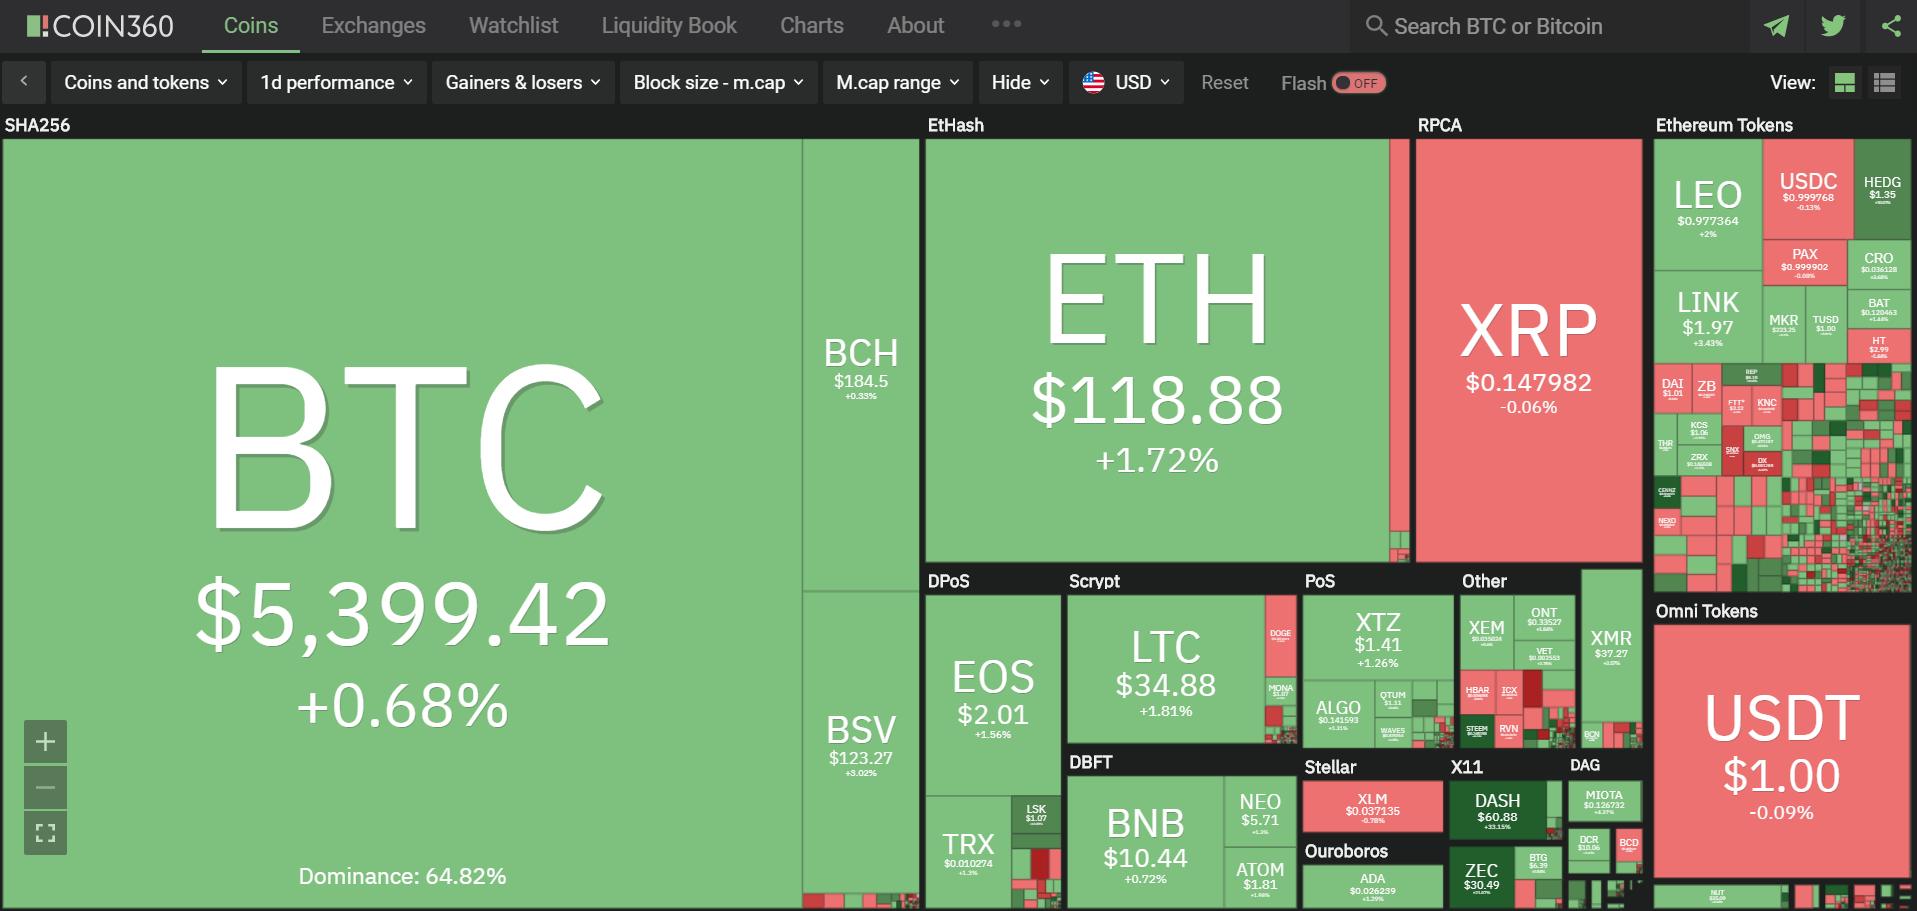 Toàn cảnh thị trường tiền kĩ thuật số hôm nay (19/3) (Nguồn: Coin360.com)